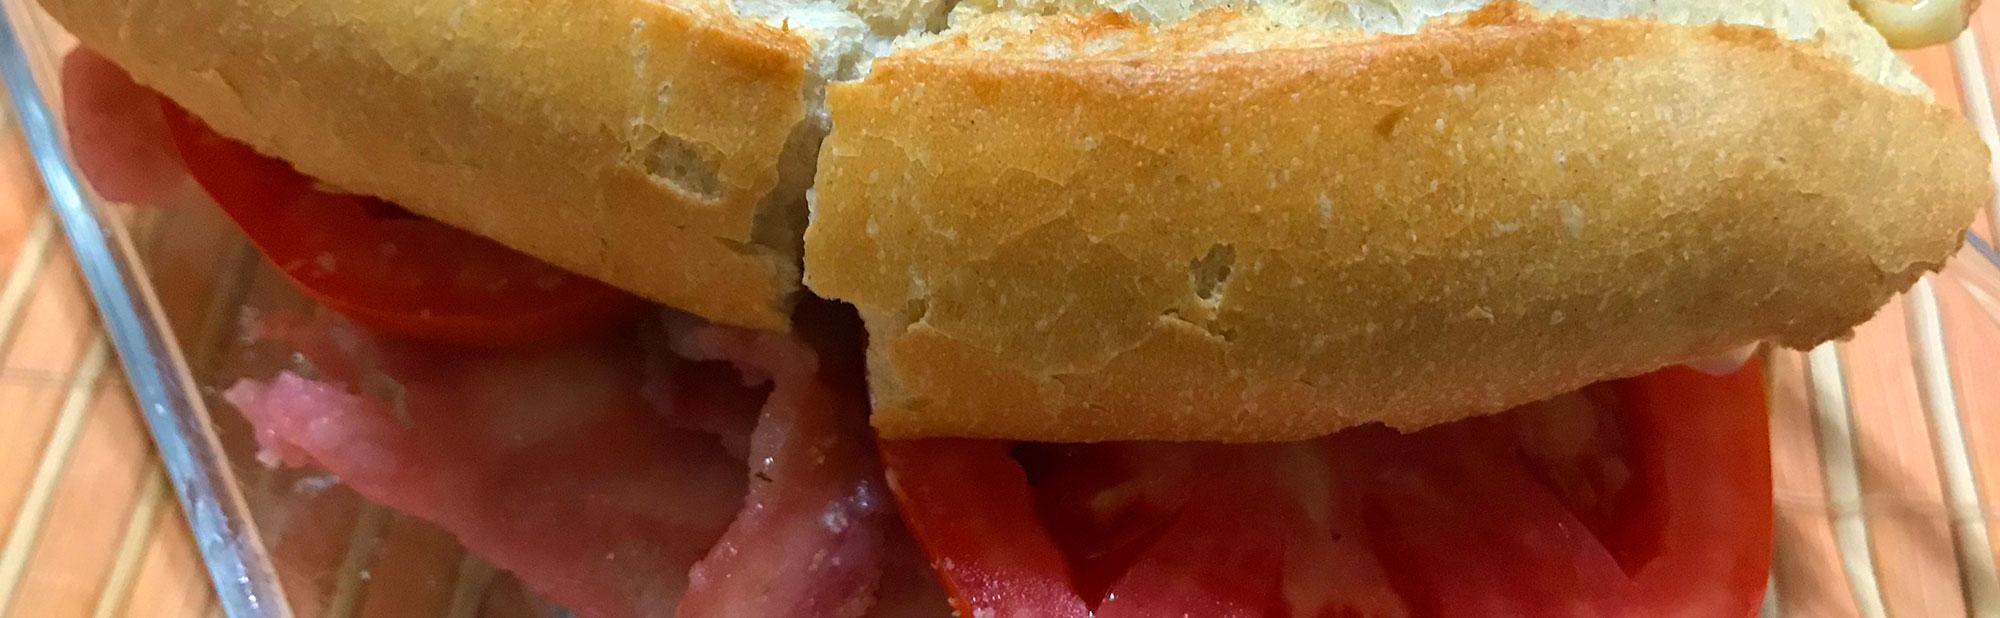 La Antojadera | Torta de Queso de Puerco